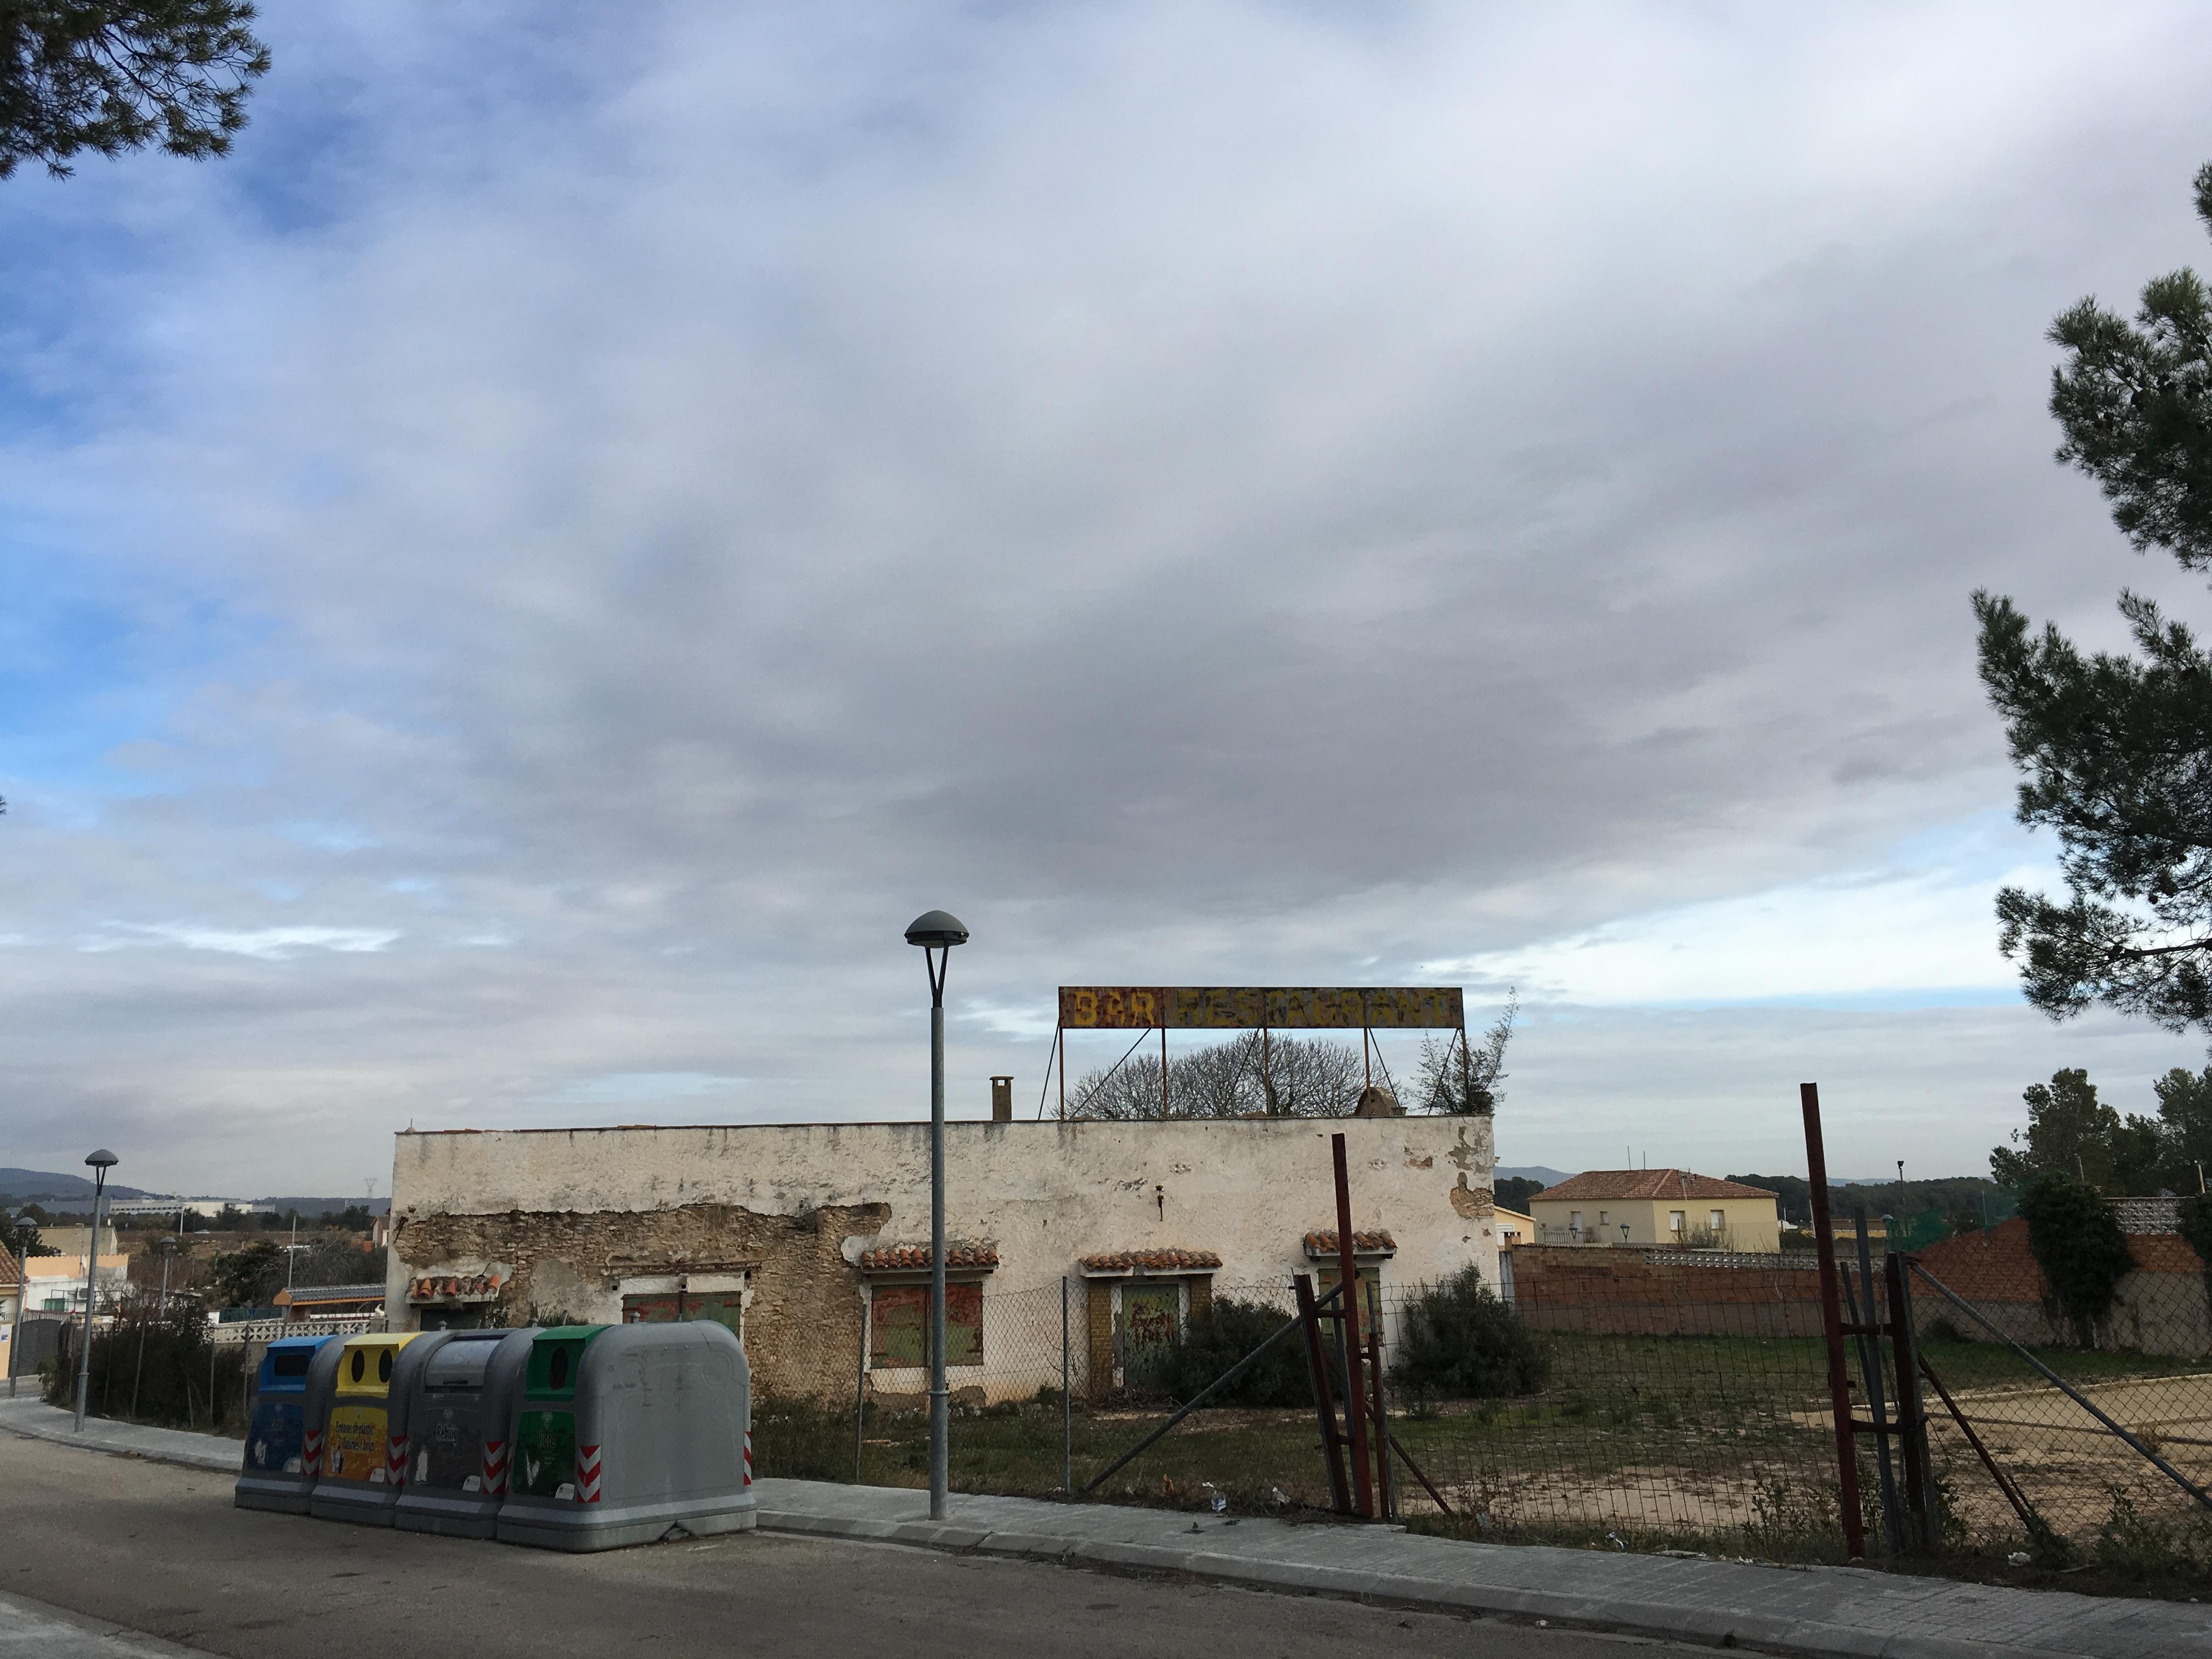 La Diputació de Tarragona ha aprovat la subvenció per construir el local social de La Miralba